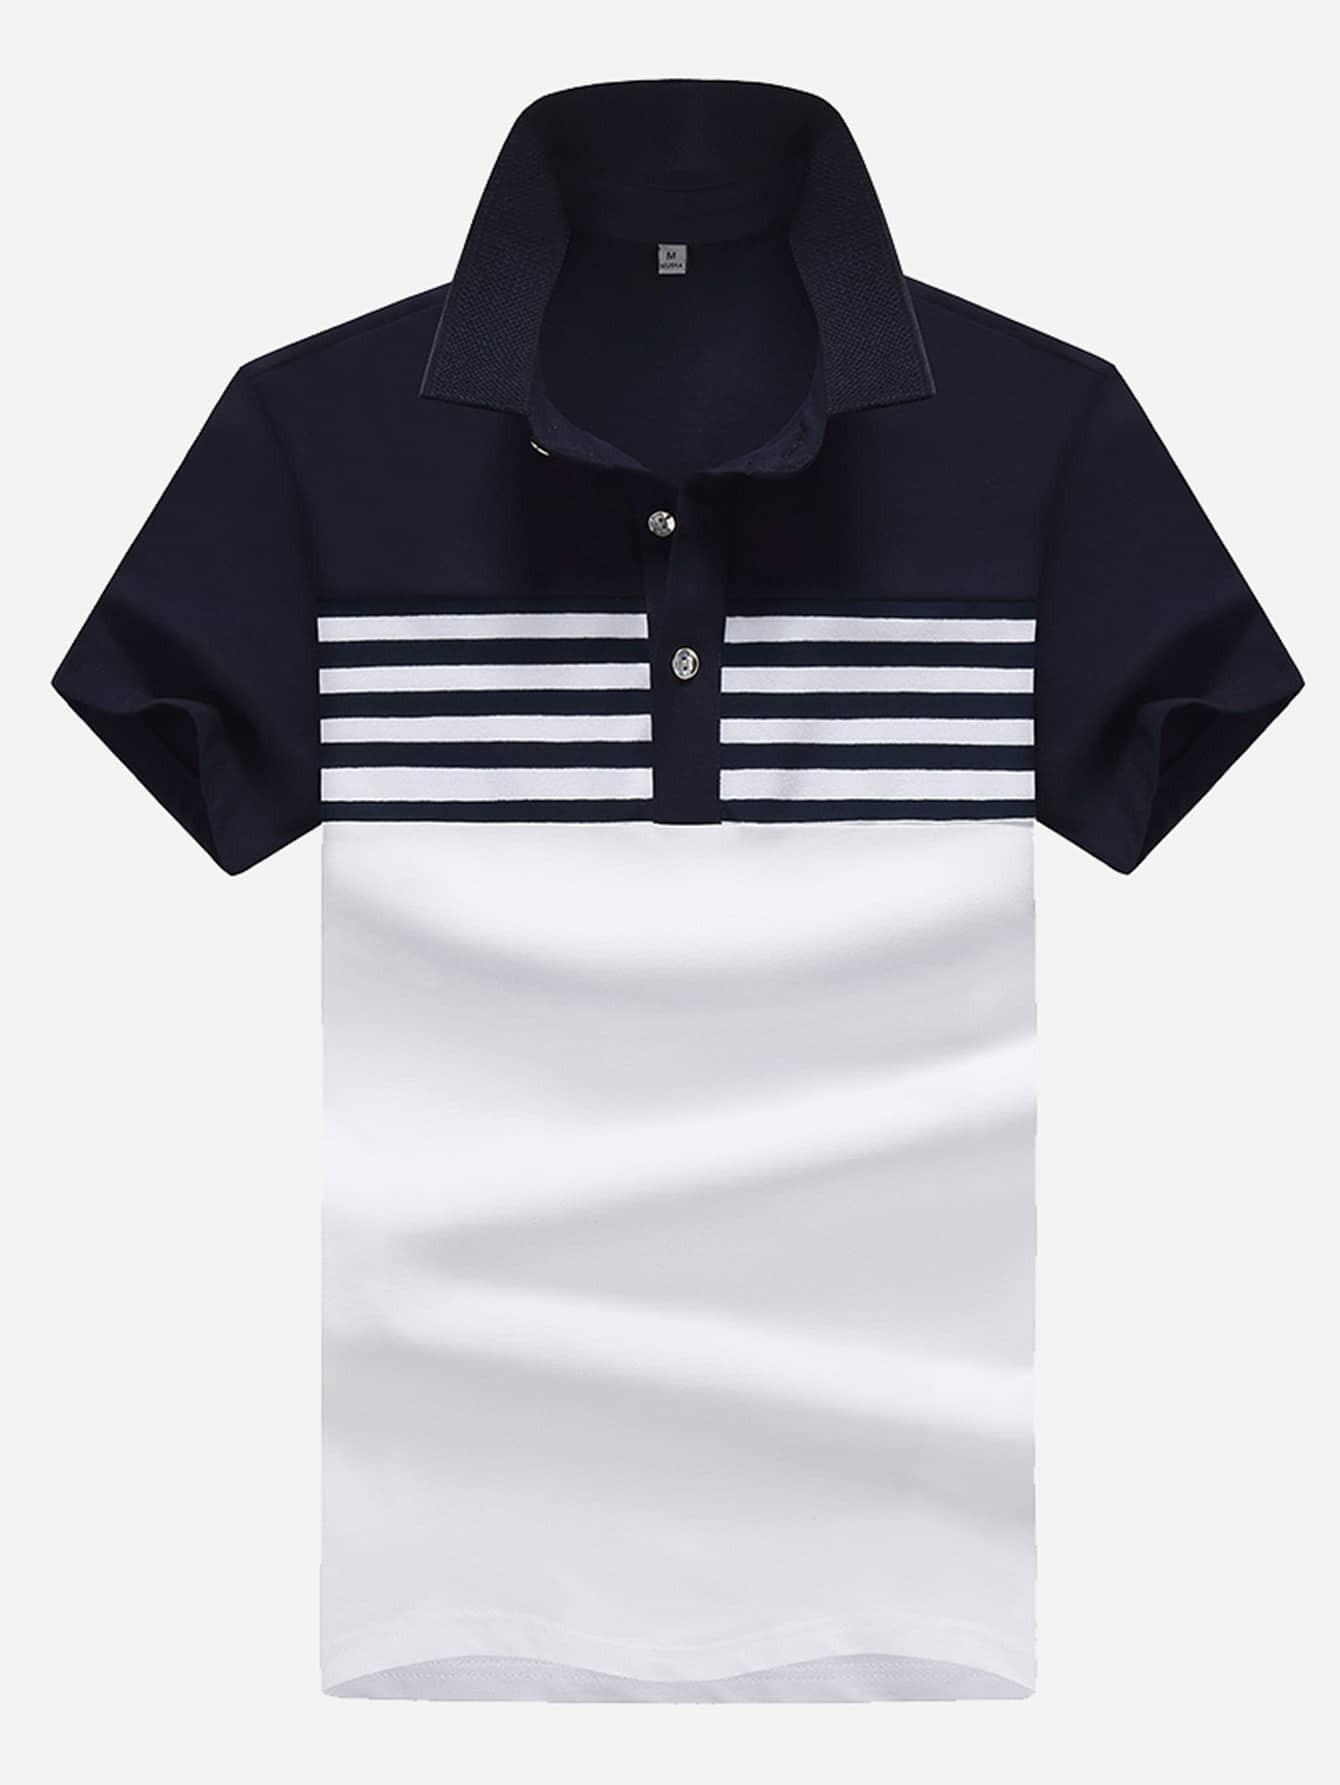 Men Contrast Neck Striped Polo Shirt men striped neck polo shirt